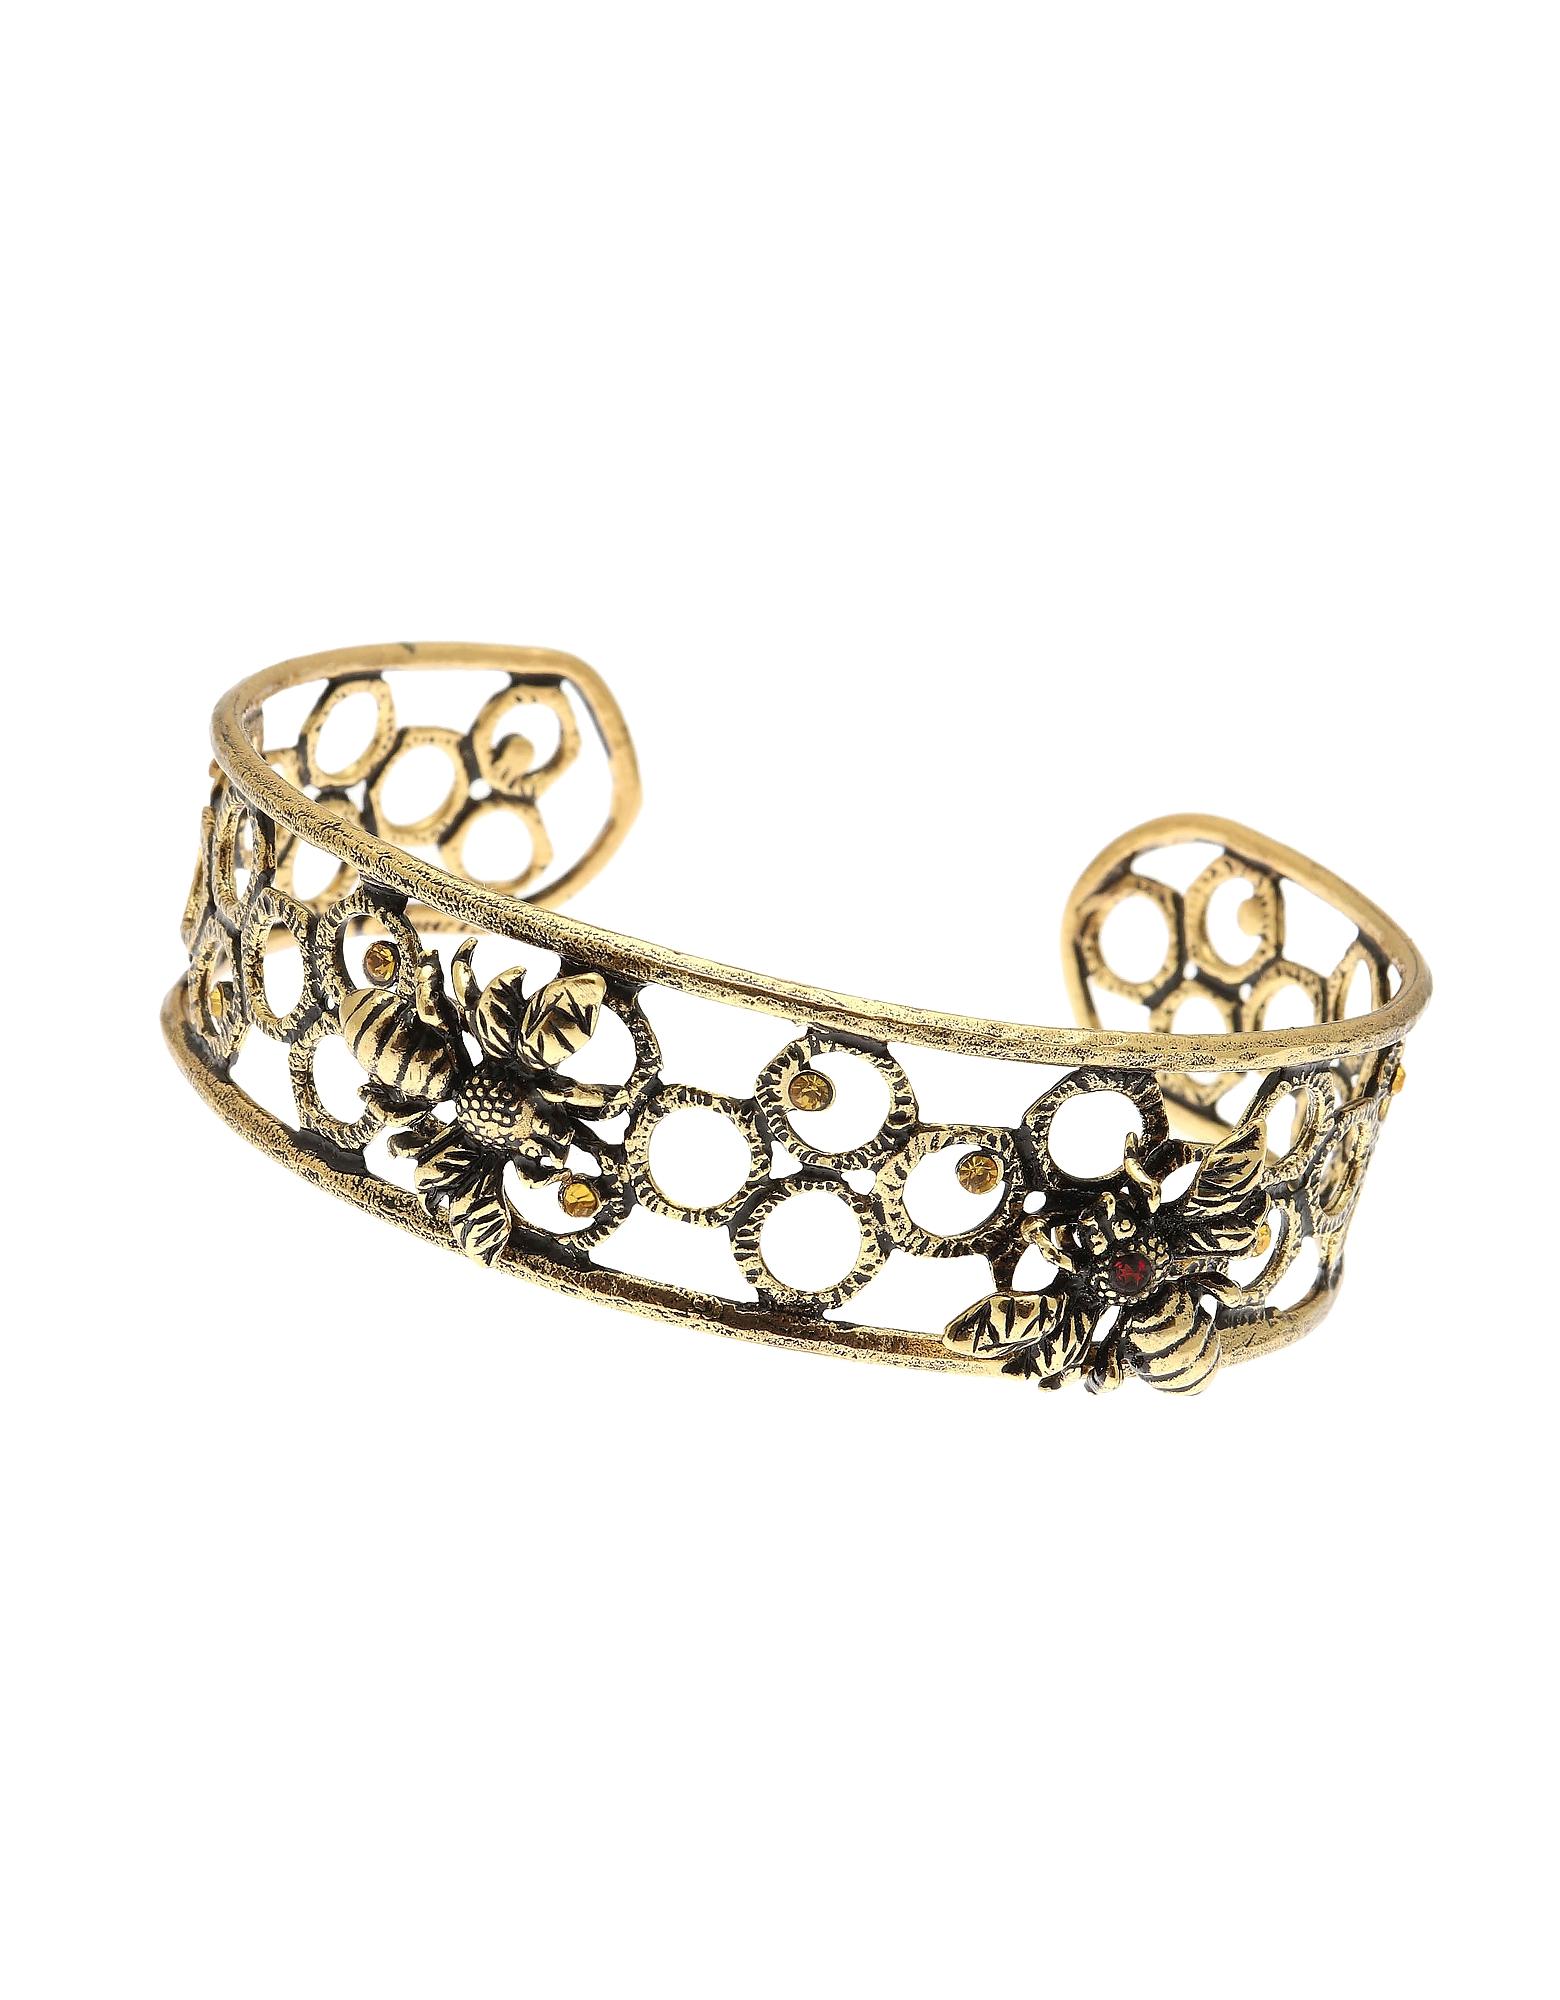 Forzieri coupon: Alcozer & J  Bracelets Castagno Golden Brass Bangle w/Swarovski and Garnet